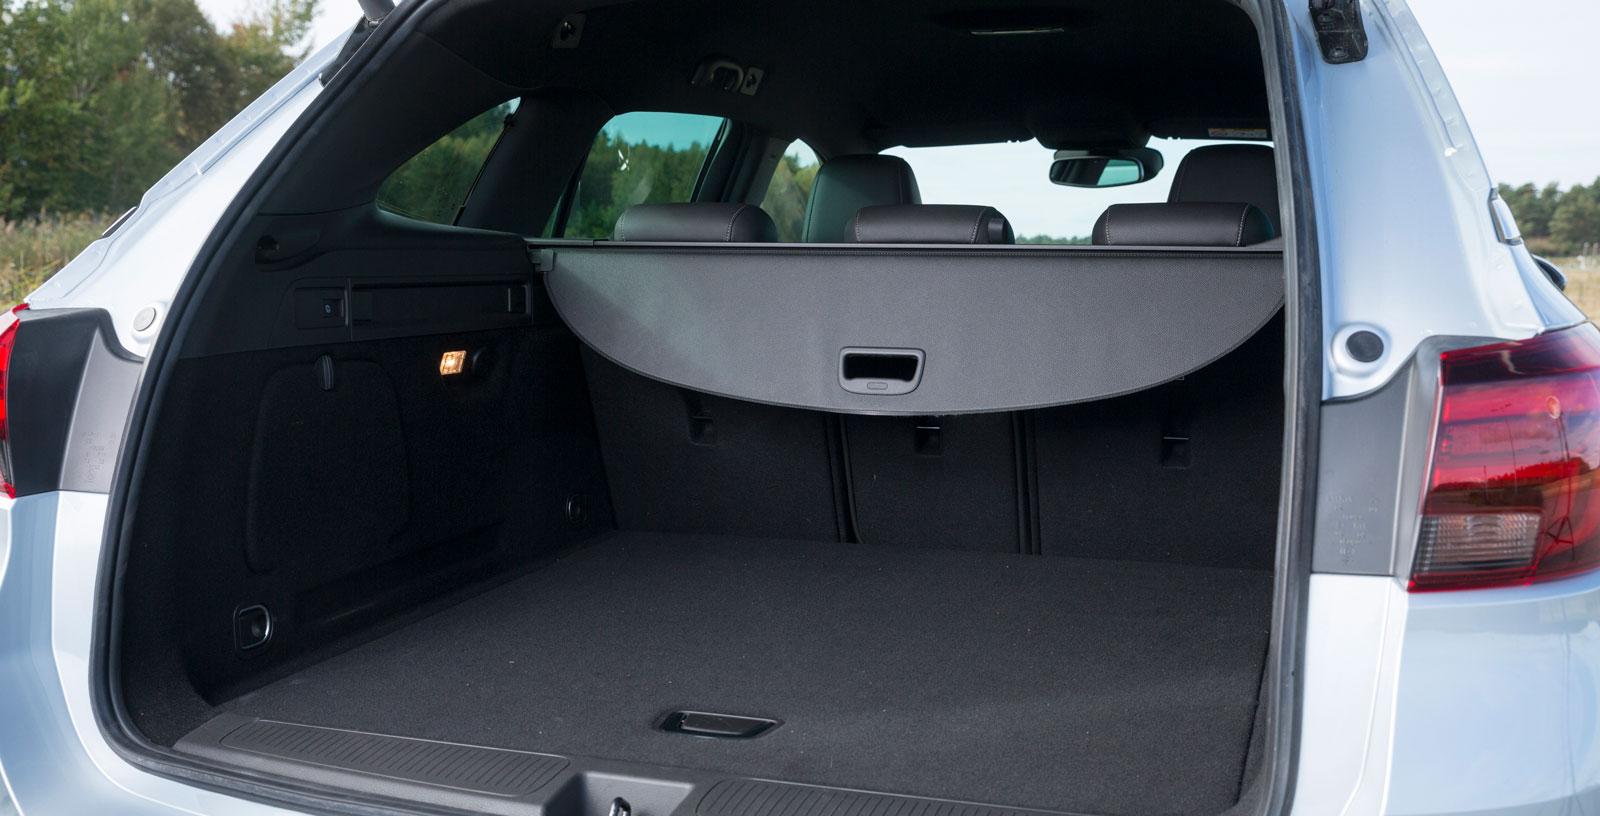 Opel har testets klart största bagageutrymme i läskbackar mätt och även i VDA-volym. Utformningen är regelbunden, men utförandet är jämförelsevis enkelt. Inga sidofack eller fack under golvet, ganska lågt i tak under utdraget insynsskydd. Rejäla lastöglor, fjärrfällning av bakre ryggstöden.